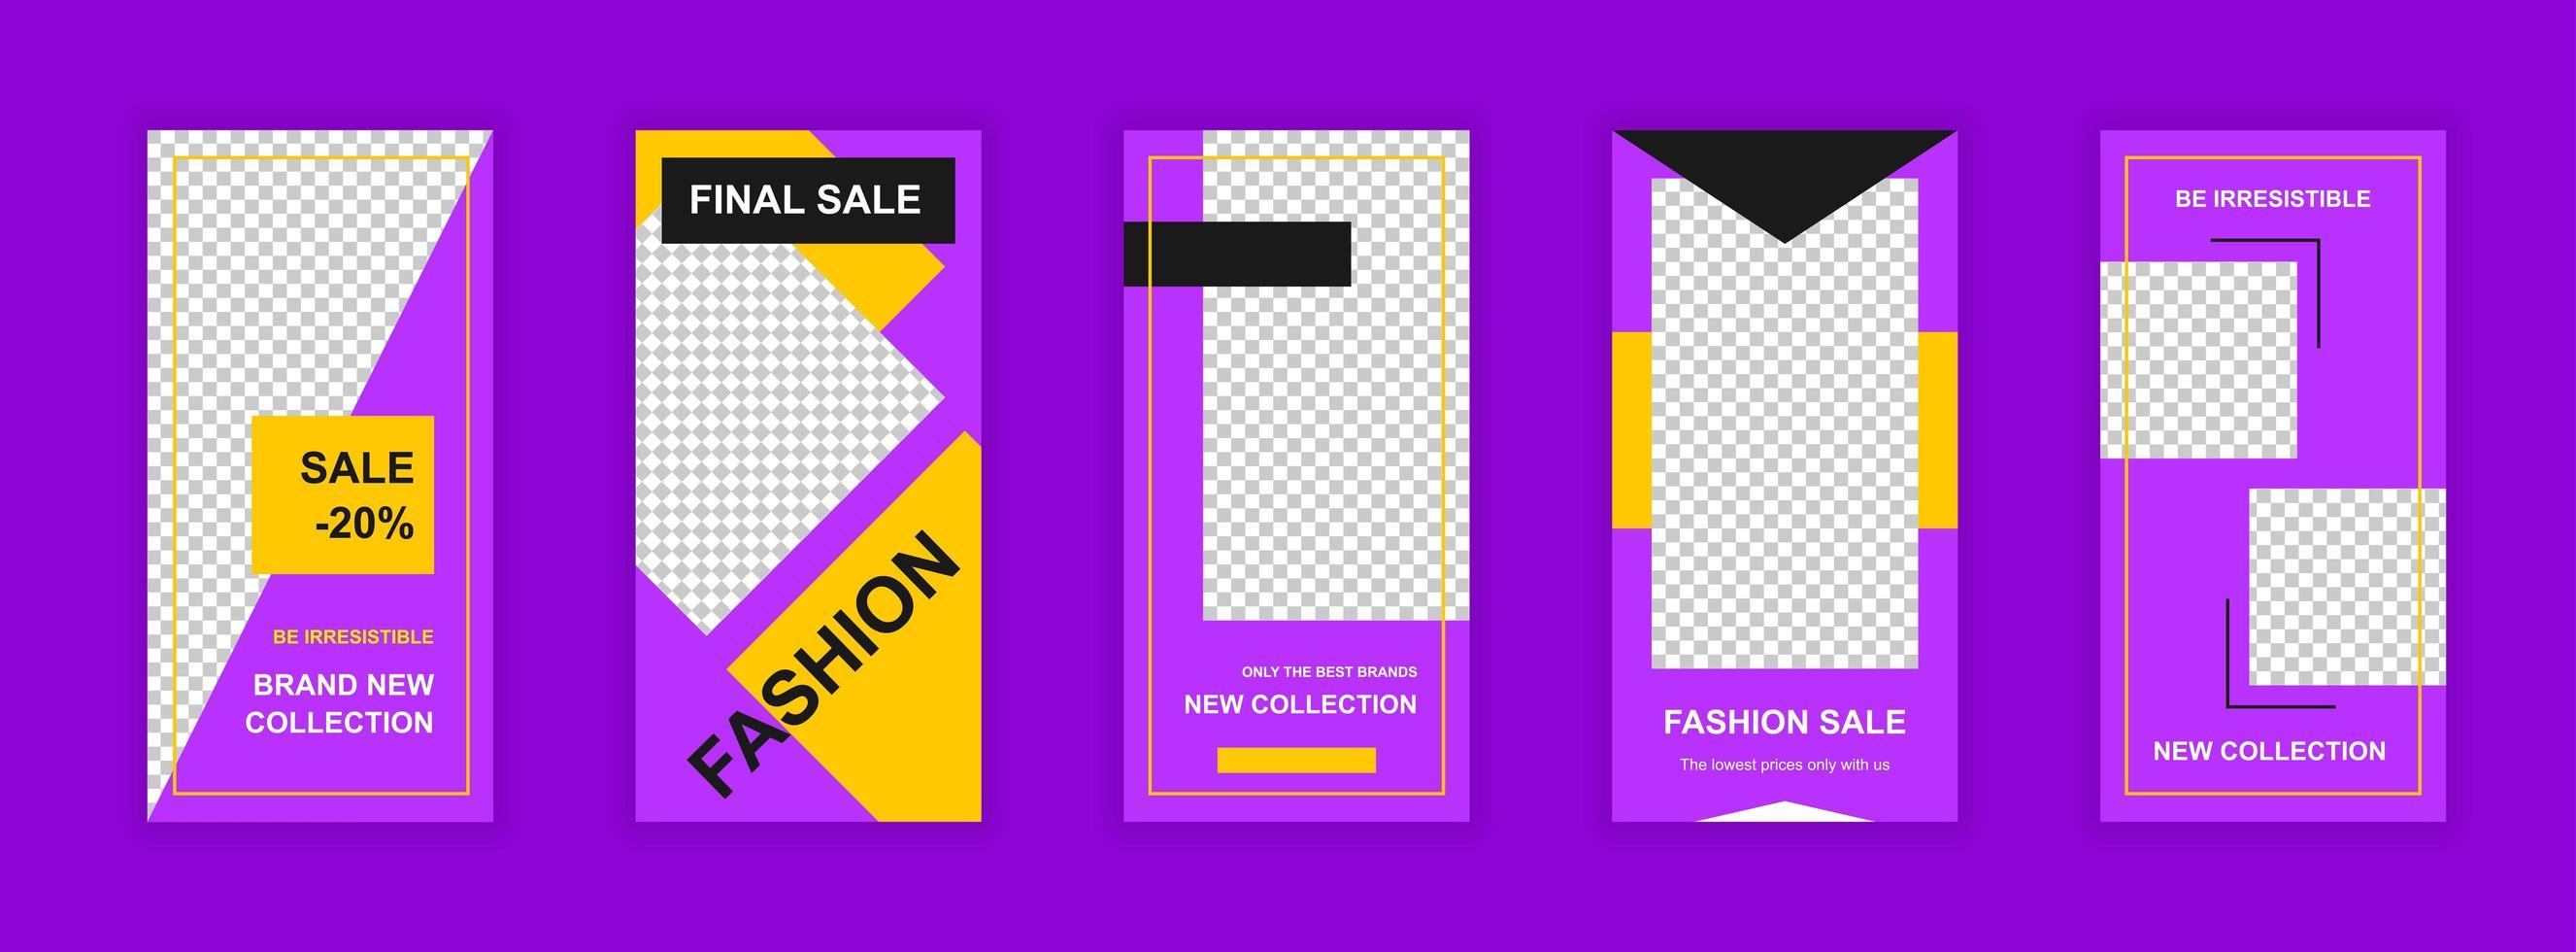 Bearbeitbare Vorlagen für den Modeverkauf für Social-Media-Geschichten vektor